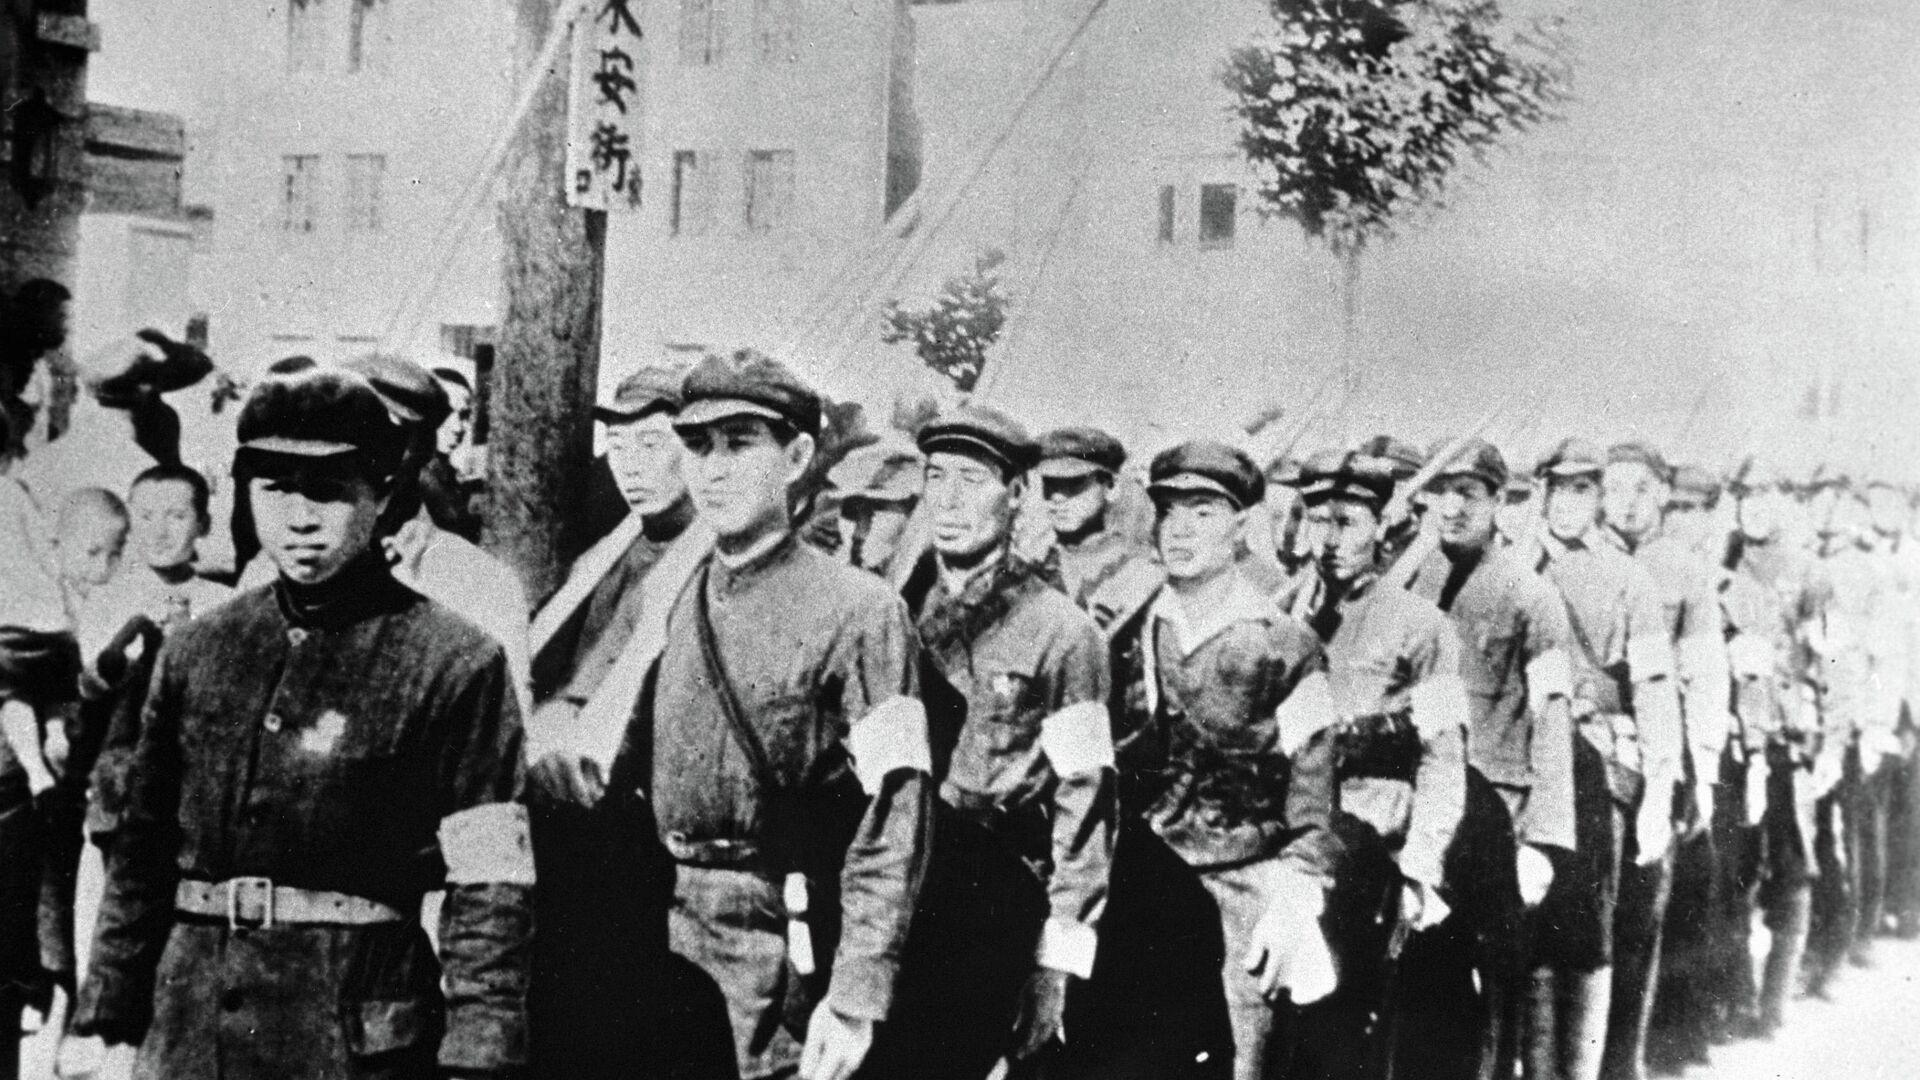 Рабочие и крестьянские вооруженные отряды Китая во время войны с империалистической Японией. 1945 год  - РИА Новости, 1920, 20.04.2020